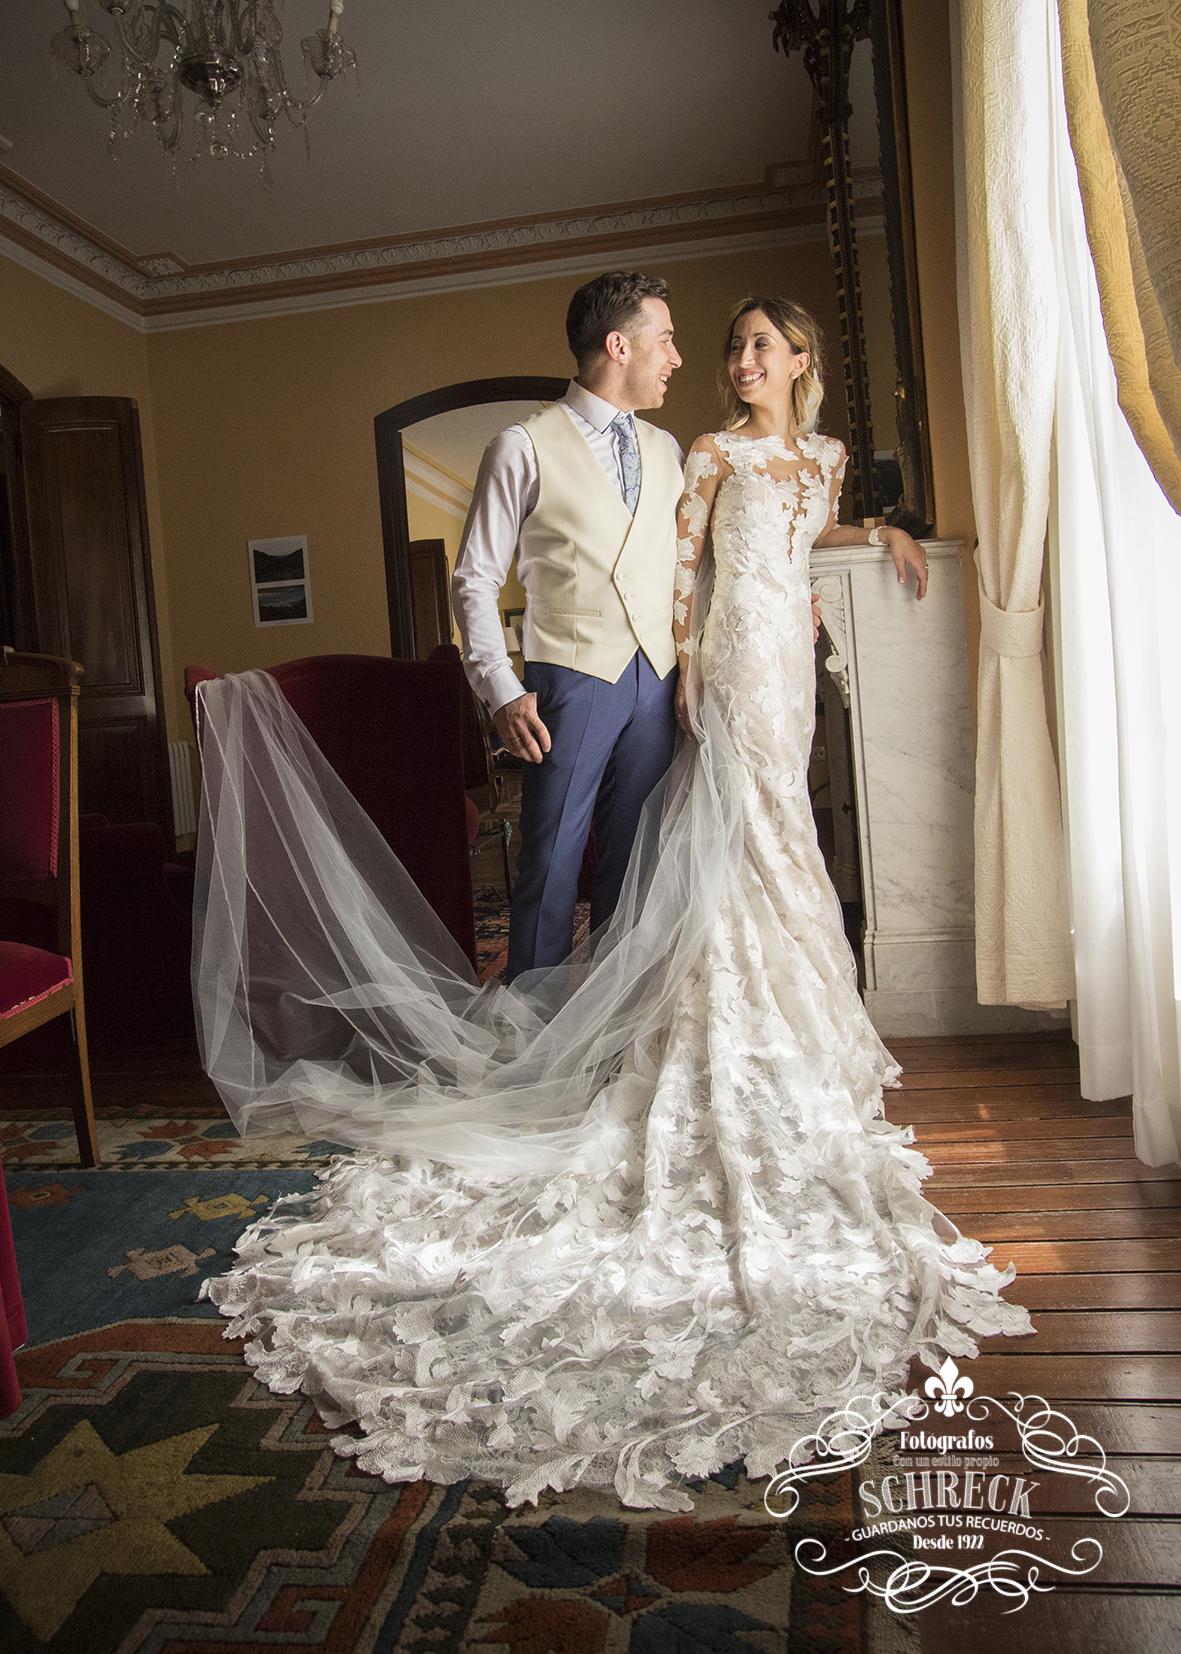 Schreck Fotógrafo para bodas en Ourense